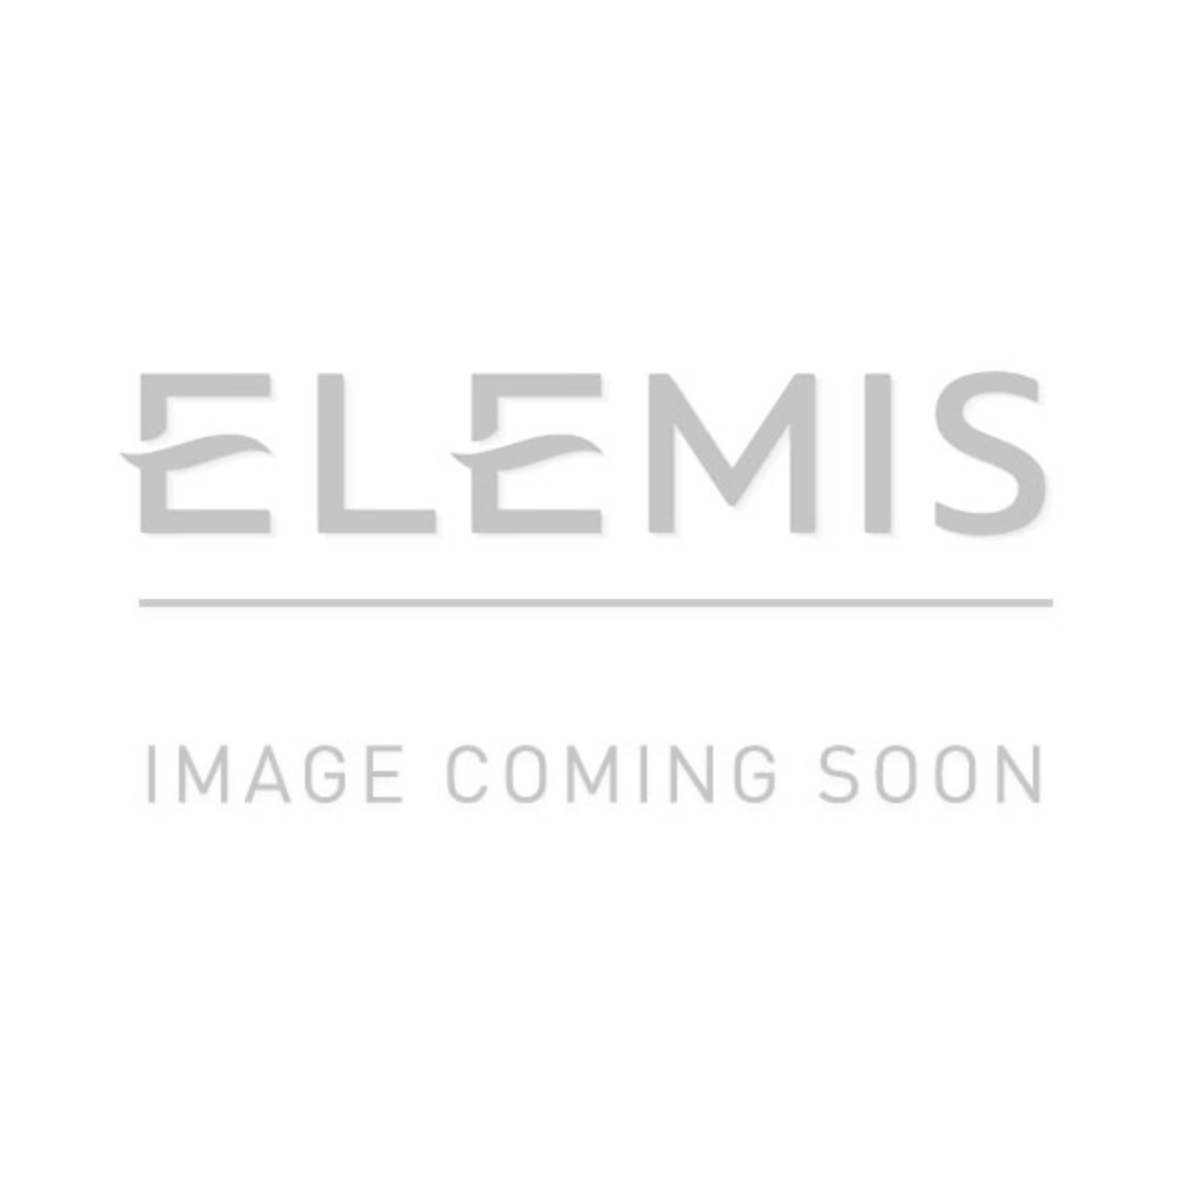 Exfoliator Gentle 50ml Rose Elemis For Face rdxoBeCW